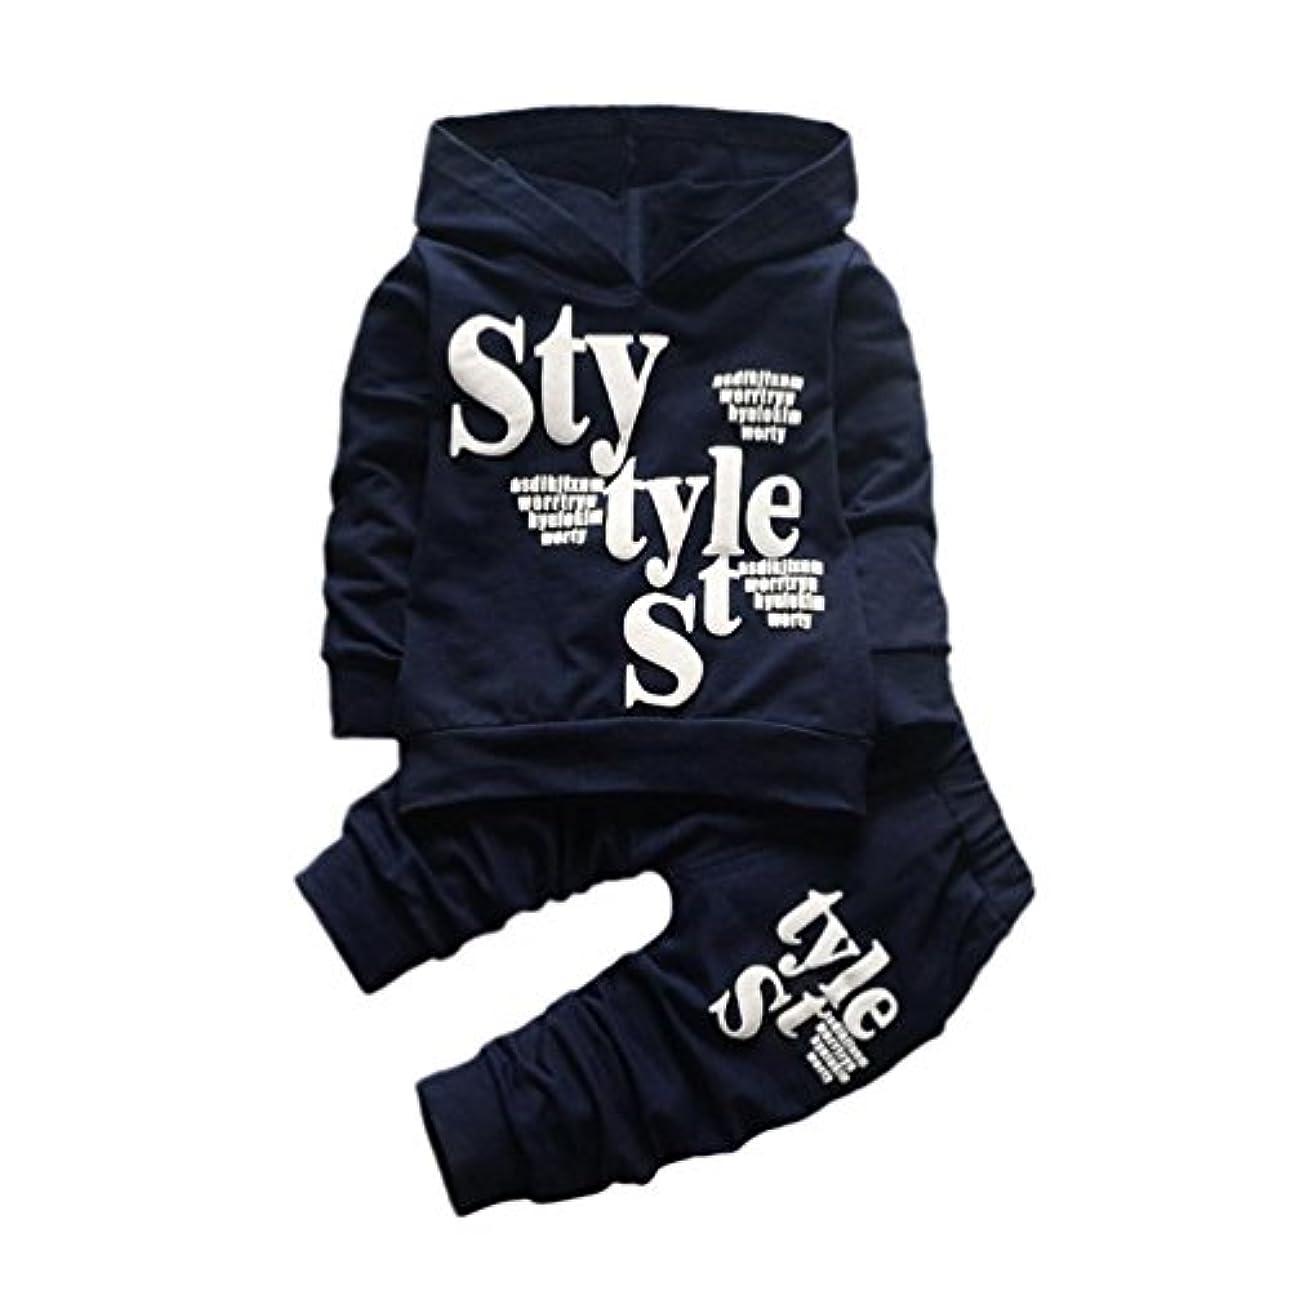 コントロールに販売員パーカー+ズボン Tシャツ スウェット 子供服 赤ちゃん服 上着+パンツ2点セット かっこいい ベビー服 ロンパース カバーオール 男の子 女の子 ファッション